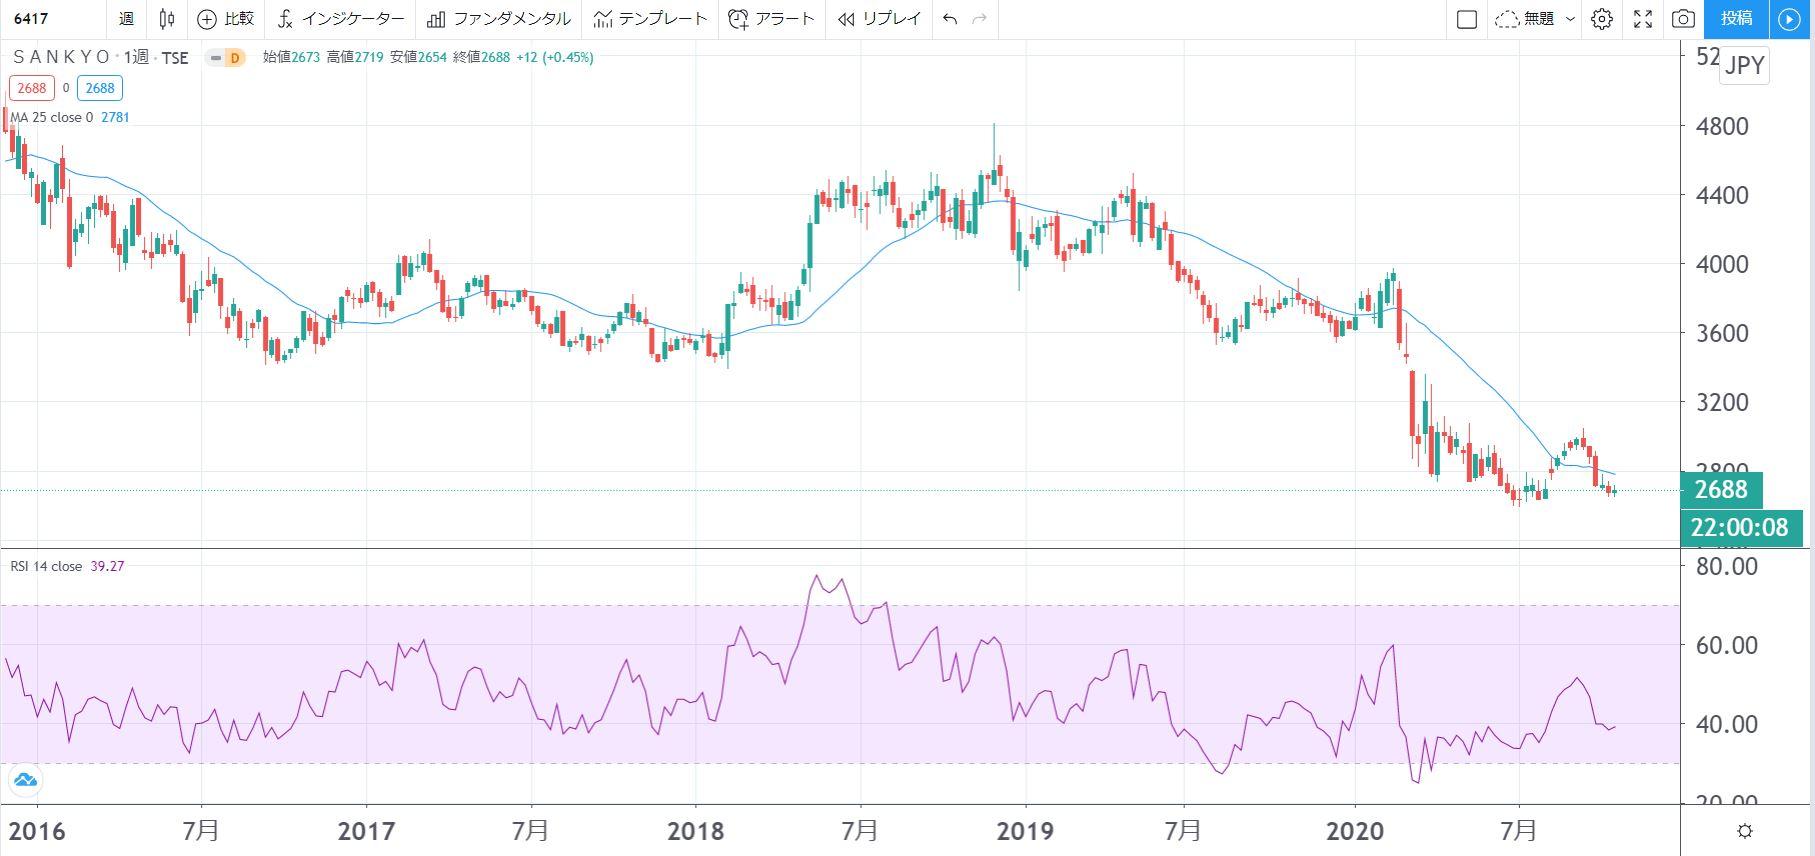 5年株価チャート-SANKYO